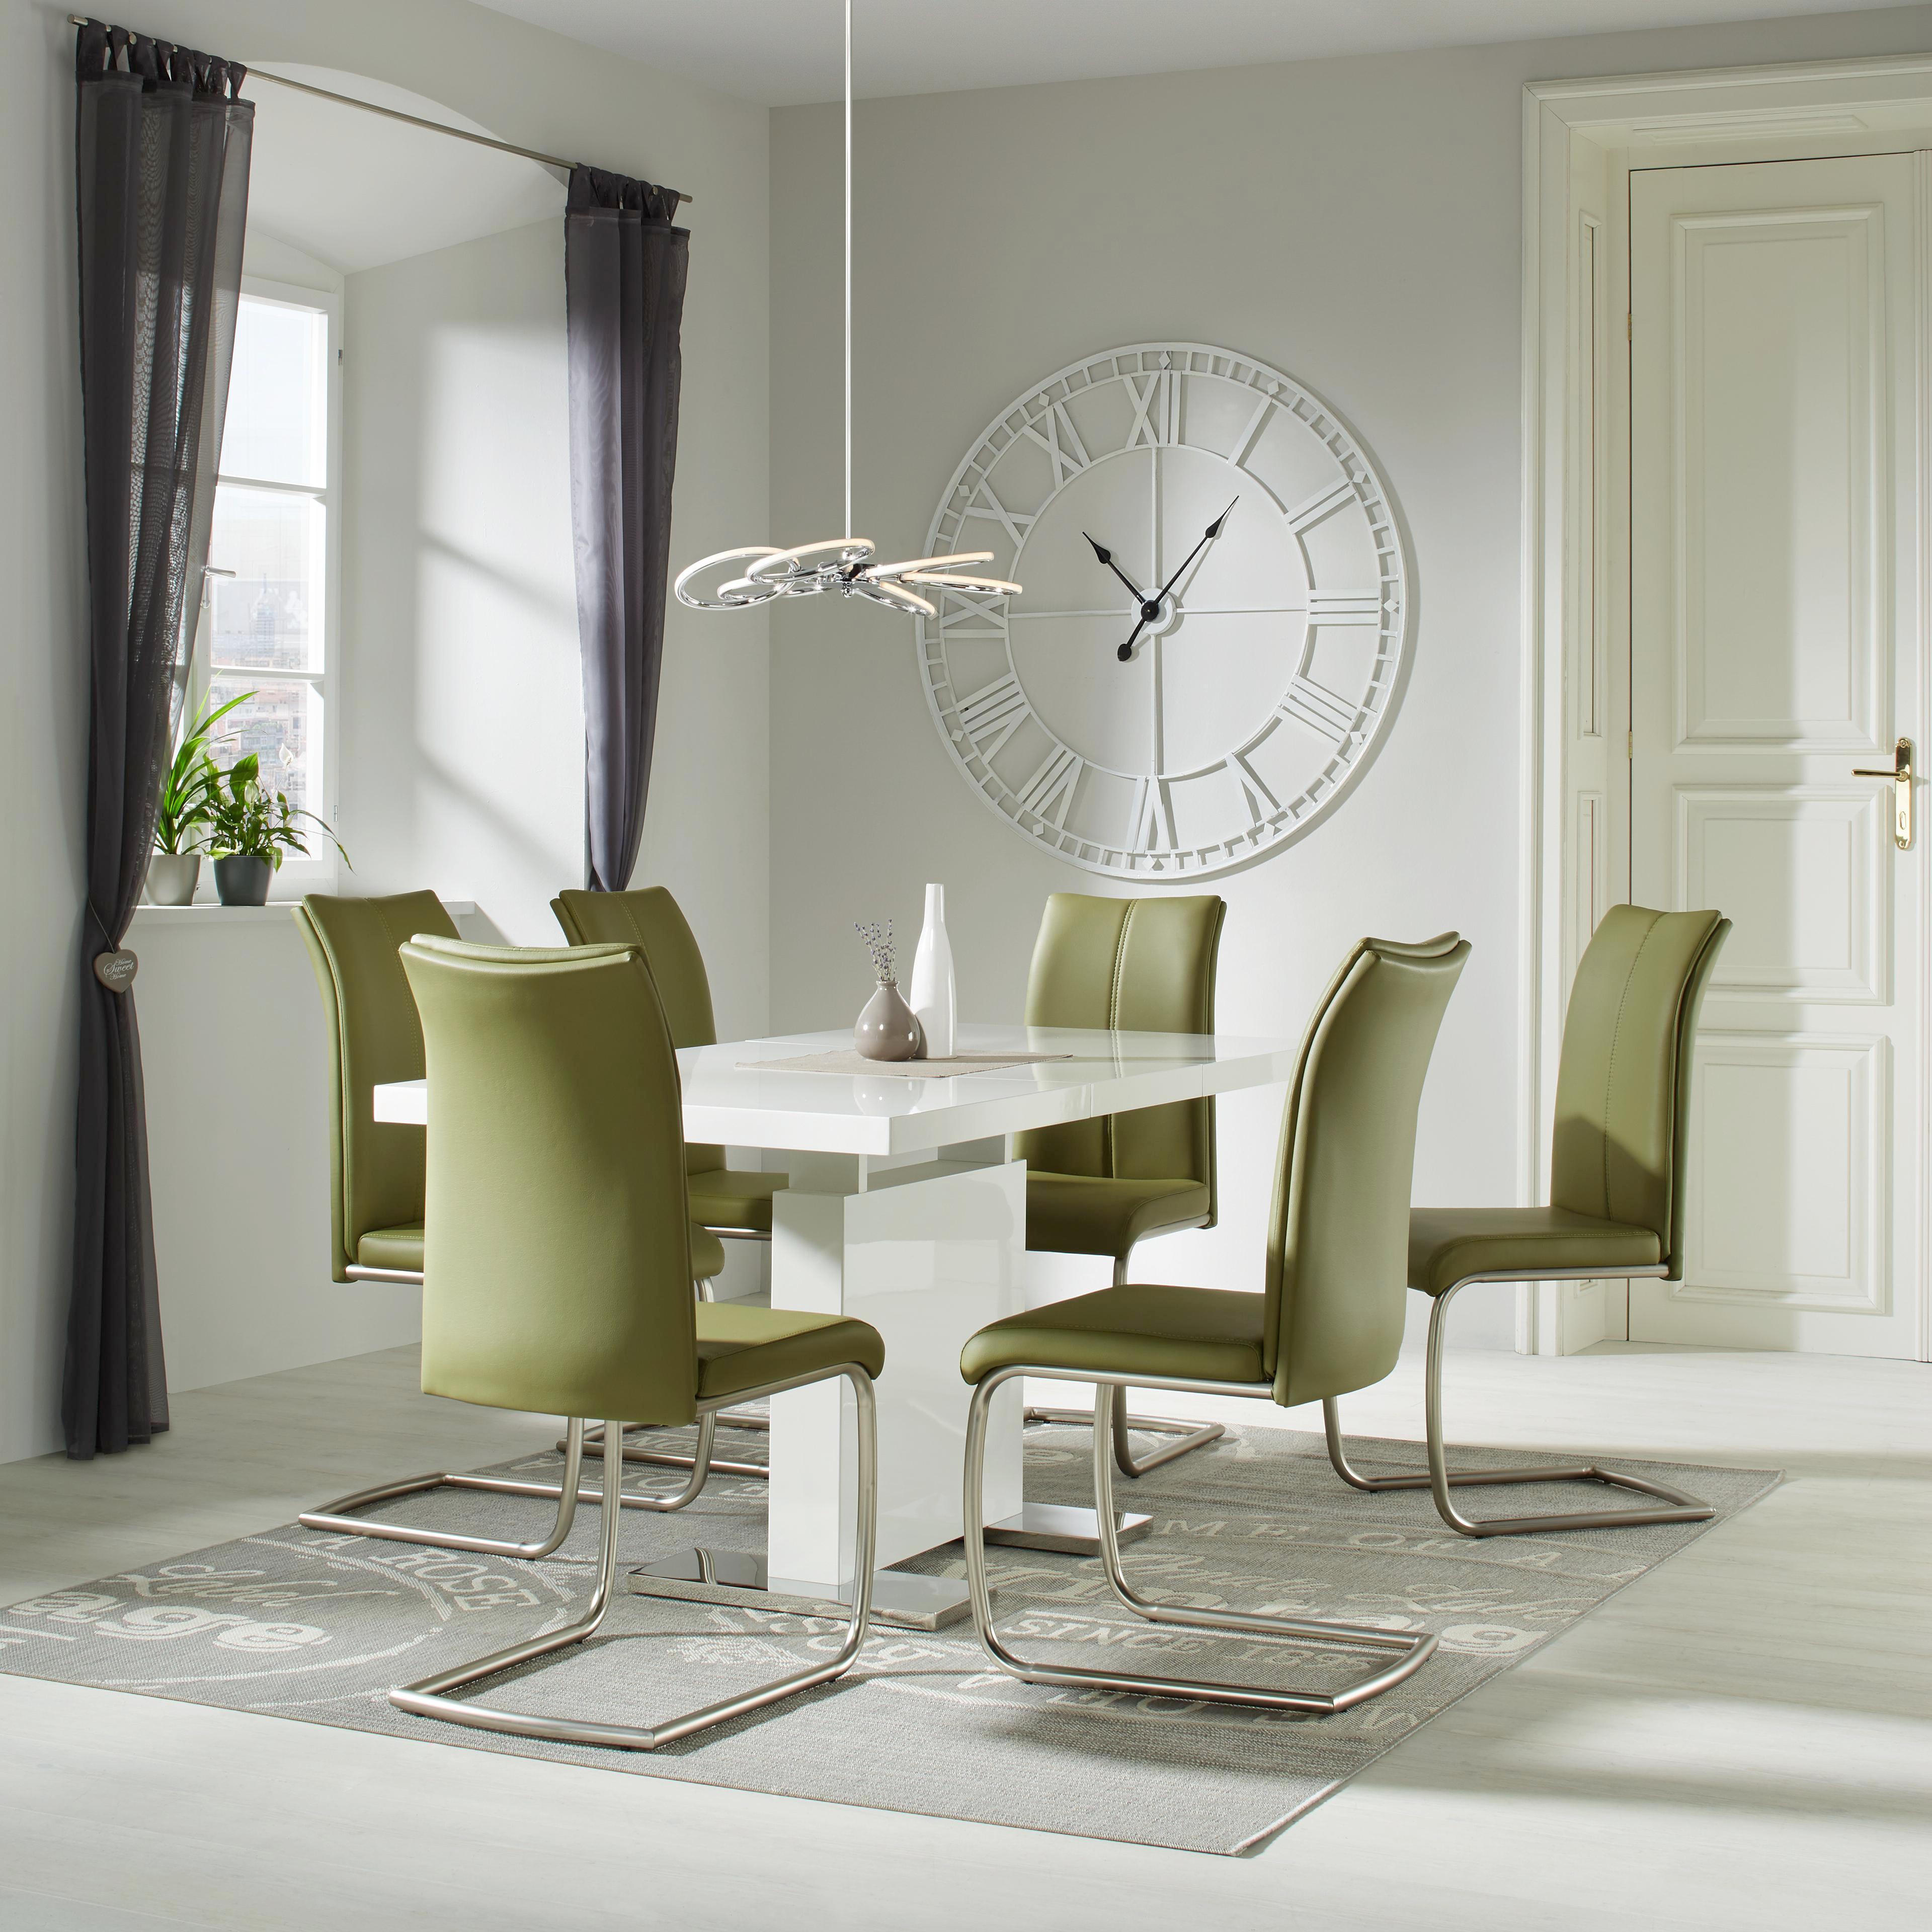 Esstisch in Weiß/Chrom - Chromfarben/Weiß, MODERN, Holzwerkstoff/Metall (120-160/76/80cm) - PREMIUM LIVING